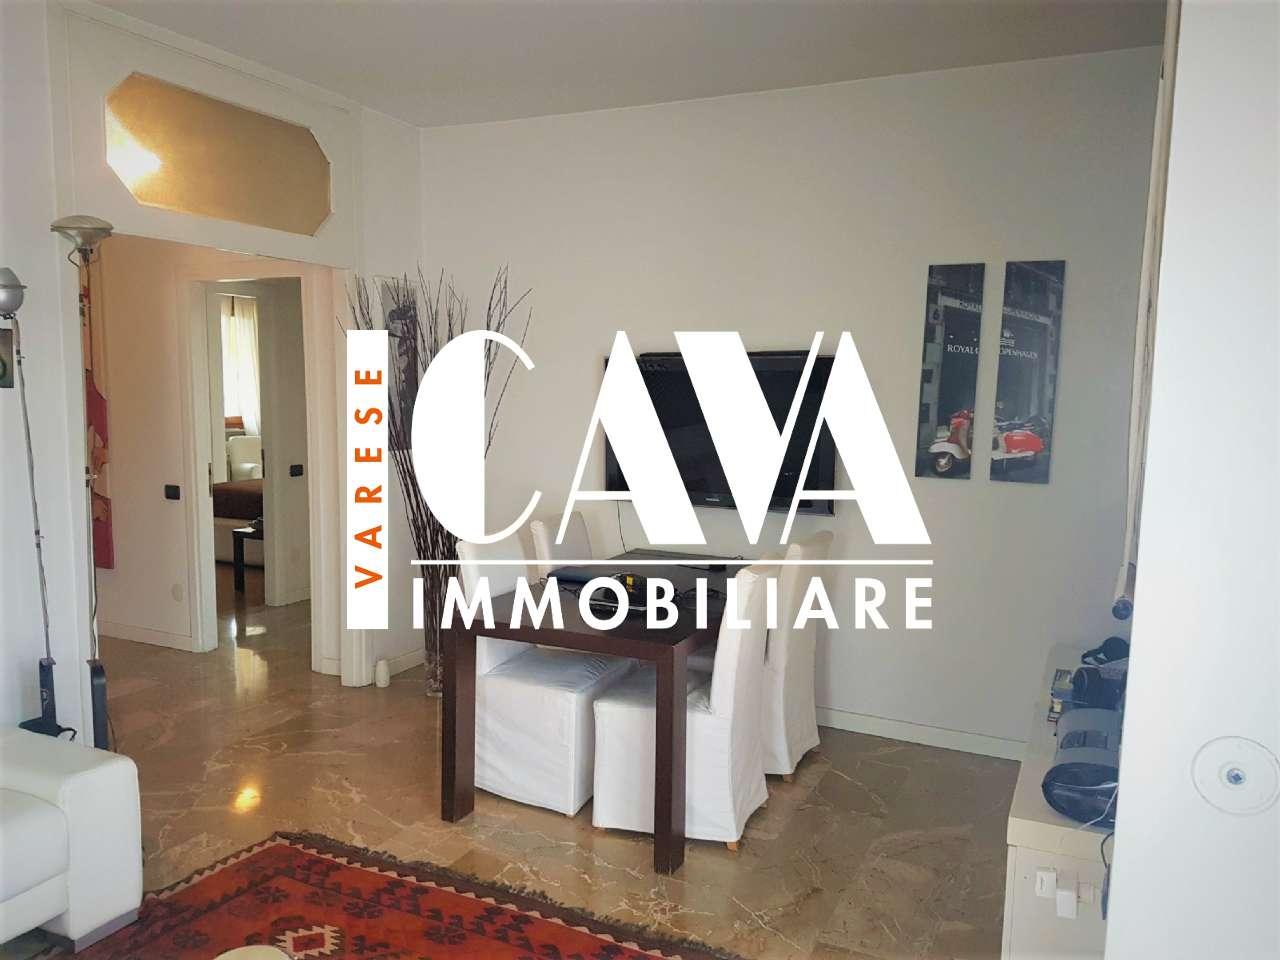 Appartamento in vendita a Varese, 3 locali, prezzo € 265.000 | CambioCasa.it